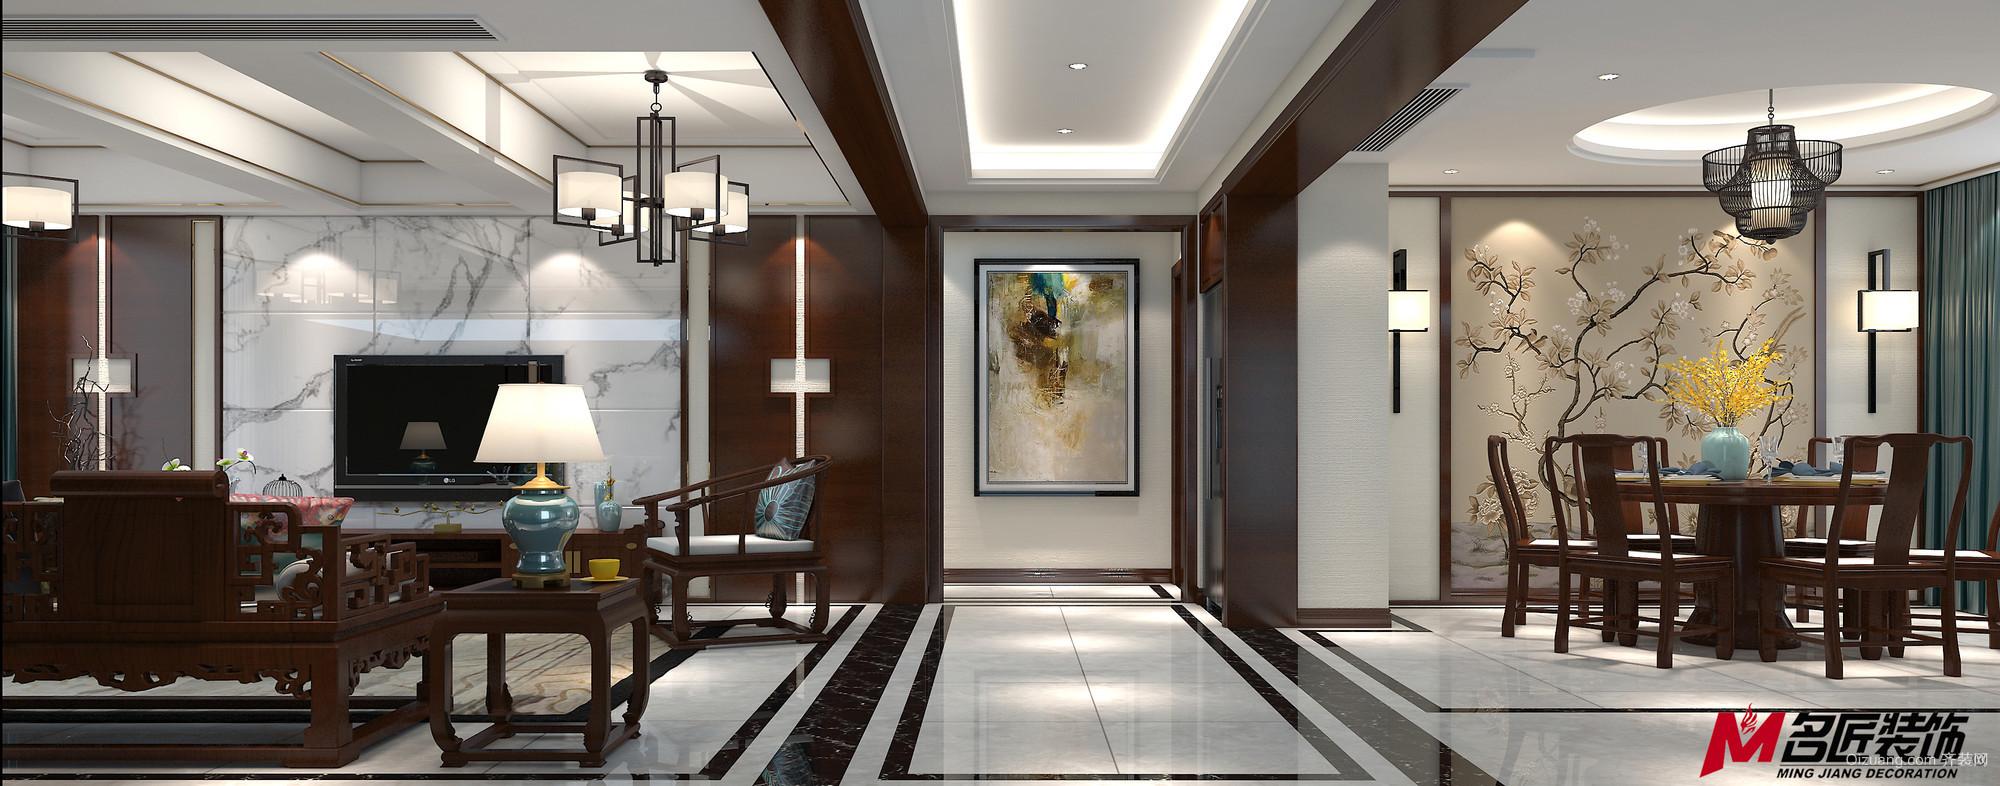 太平洋城中城中式风格装修效果图实景图